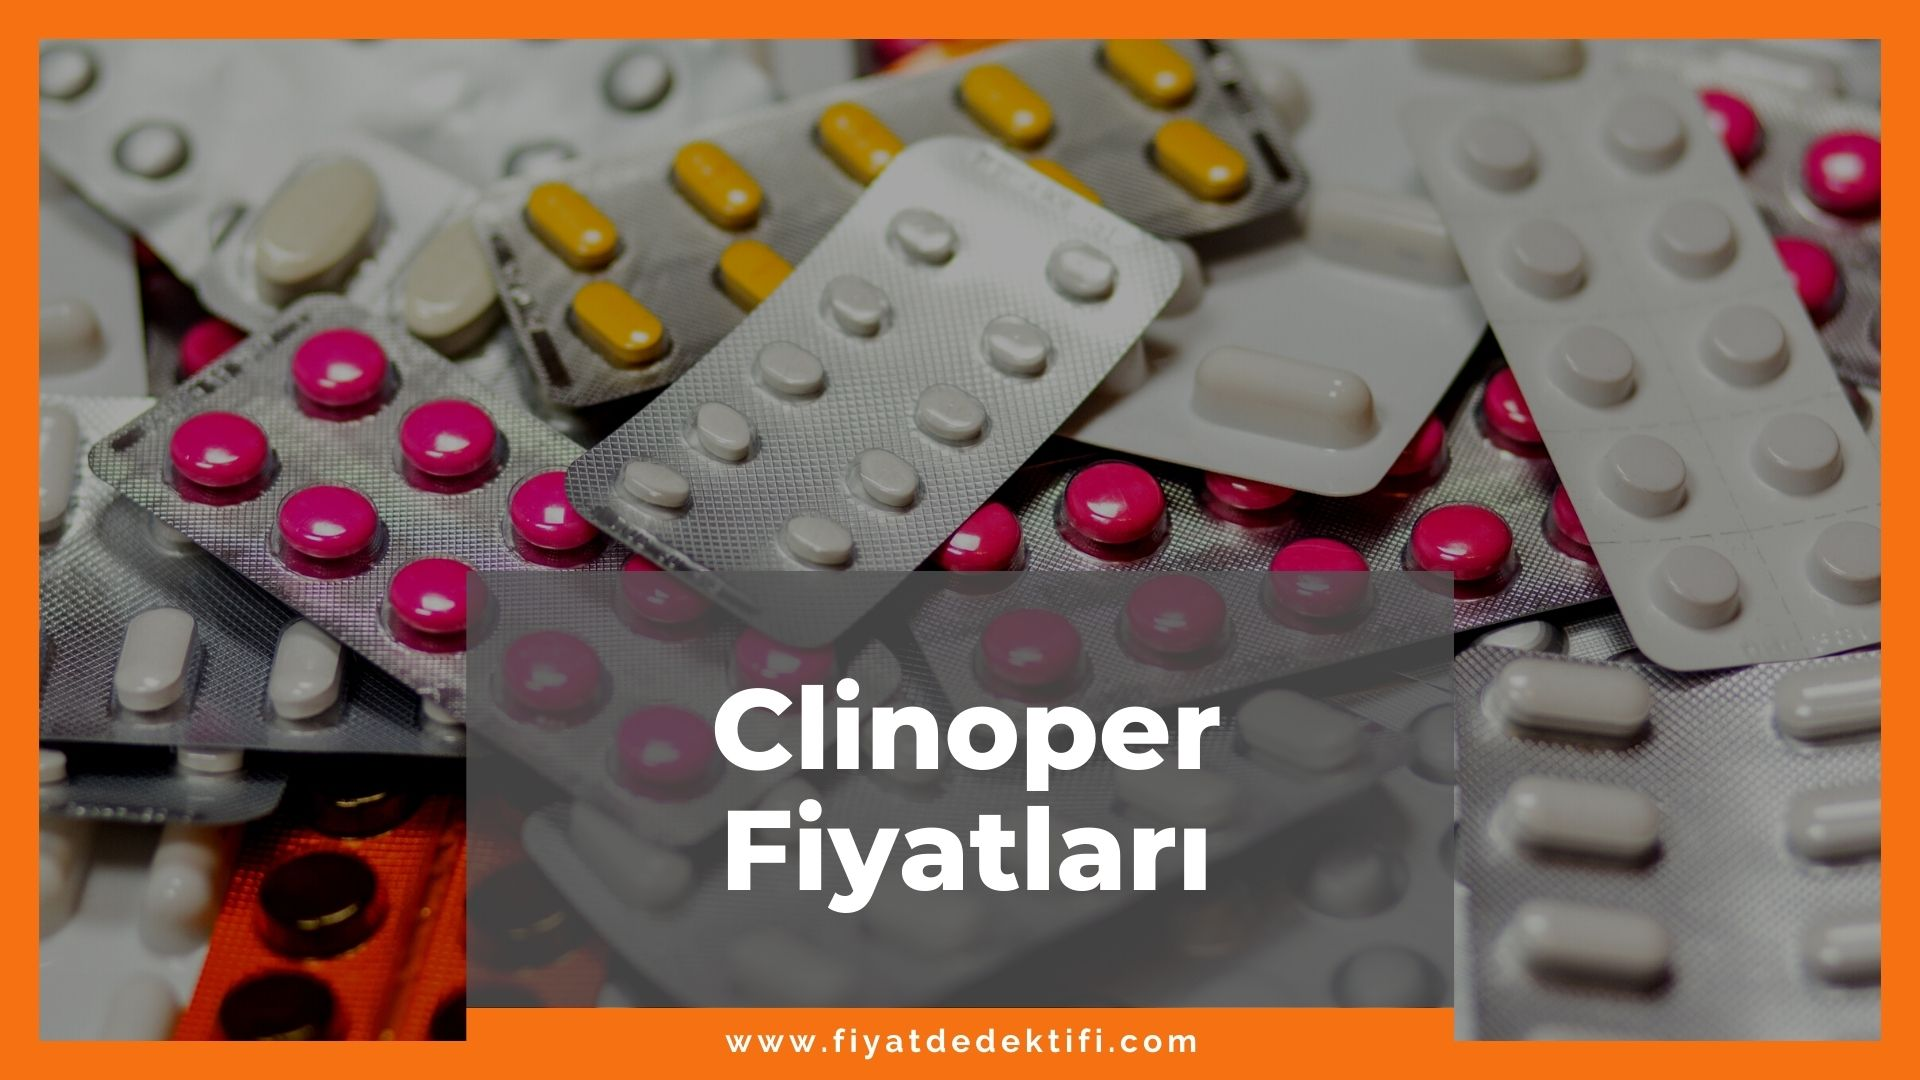 Clinoper Fiyat 2021, Clinoper Fiyatı, Clinoper Jel Fiyatı, clinoper zamlandı mı, clinoper zamlı fiyatı ne kadar kaç tl oldu